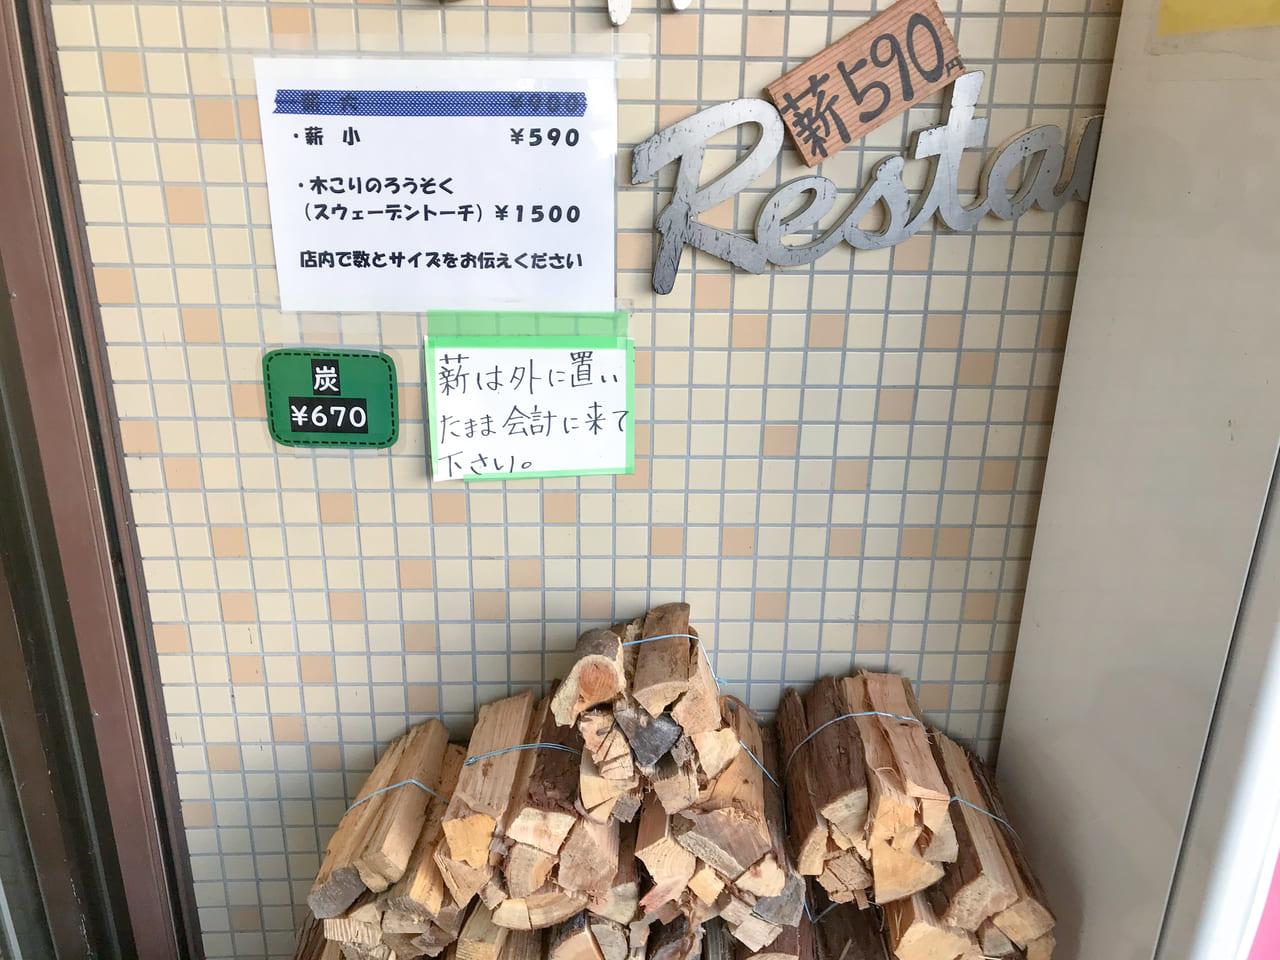 /浩庵キャンプ場で販売されている薪